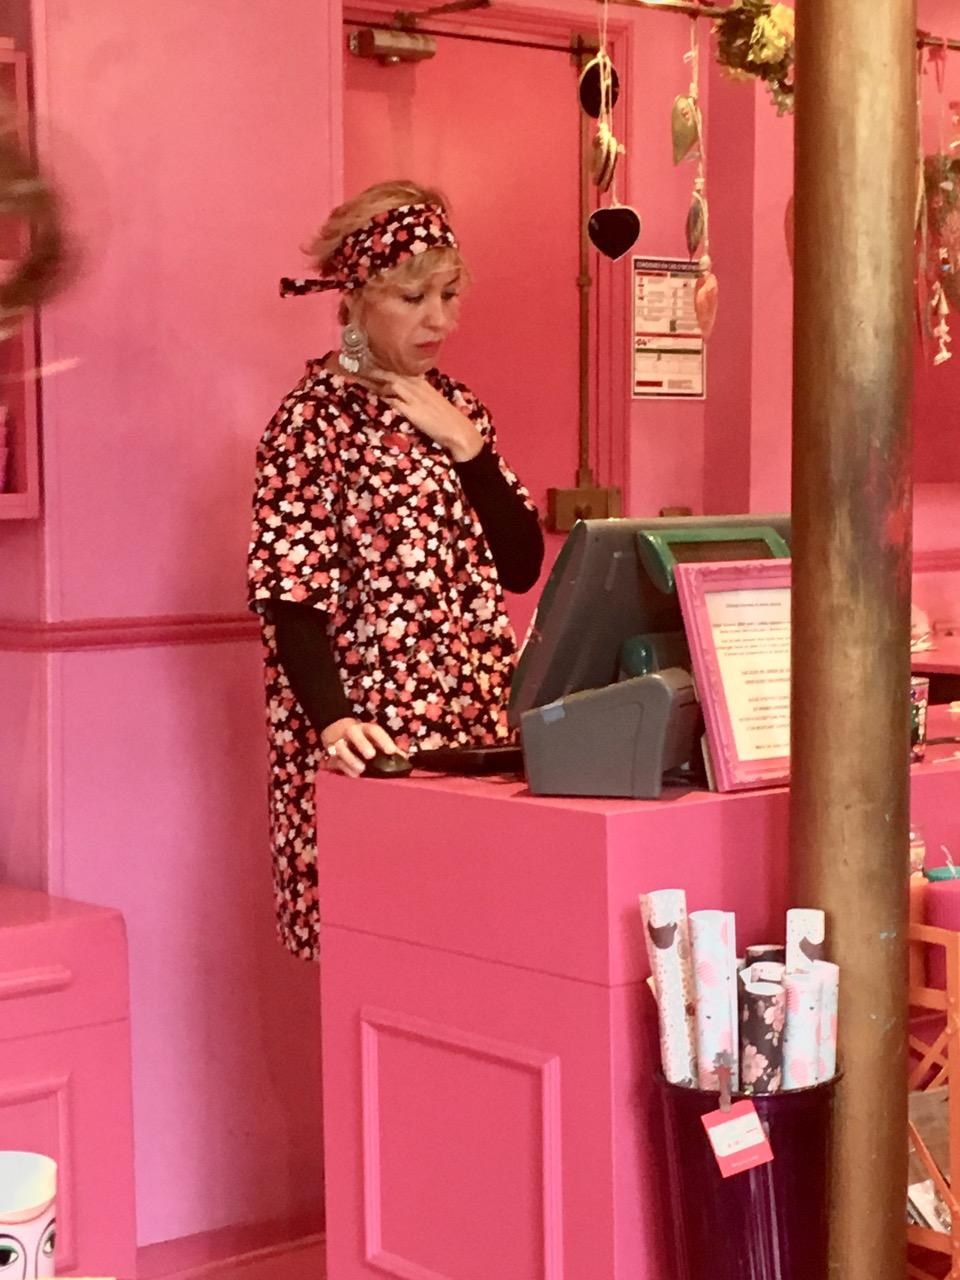 Inside a pink shop (Paris)